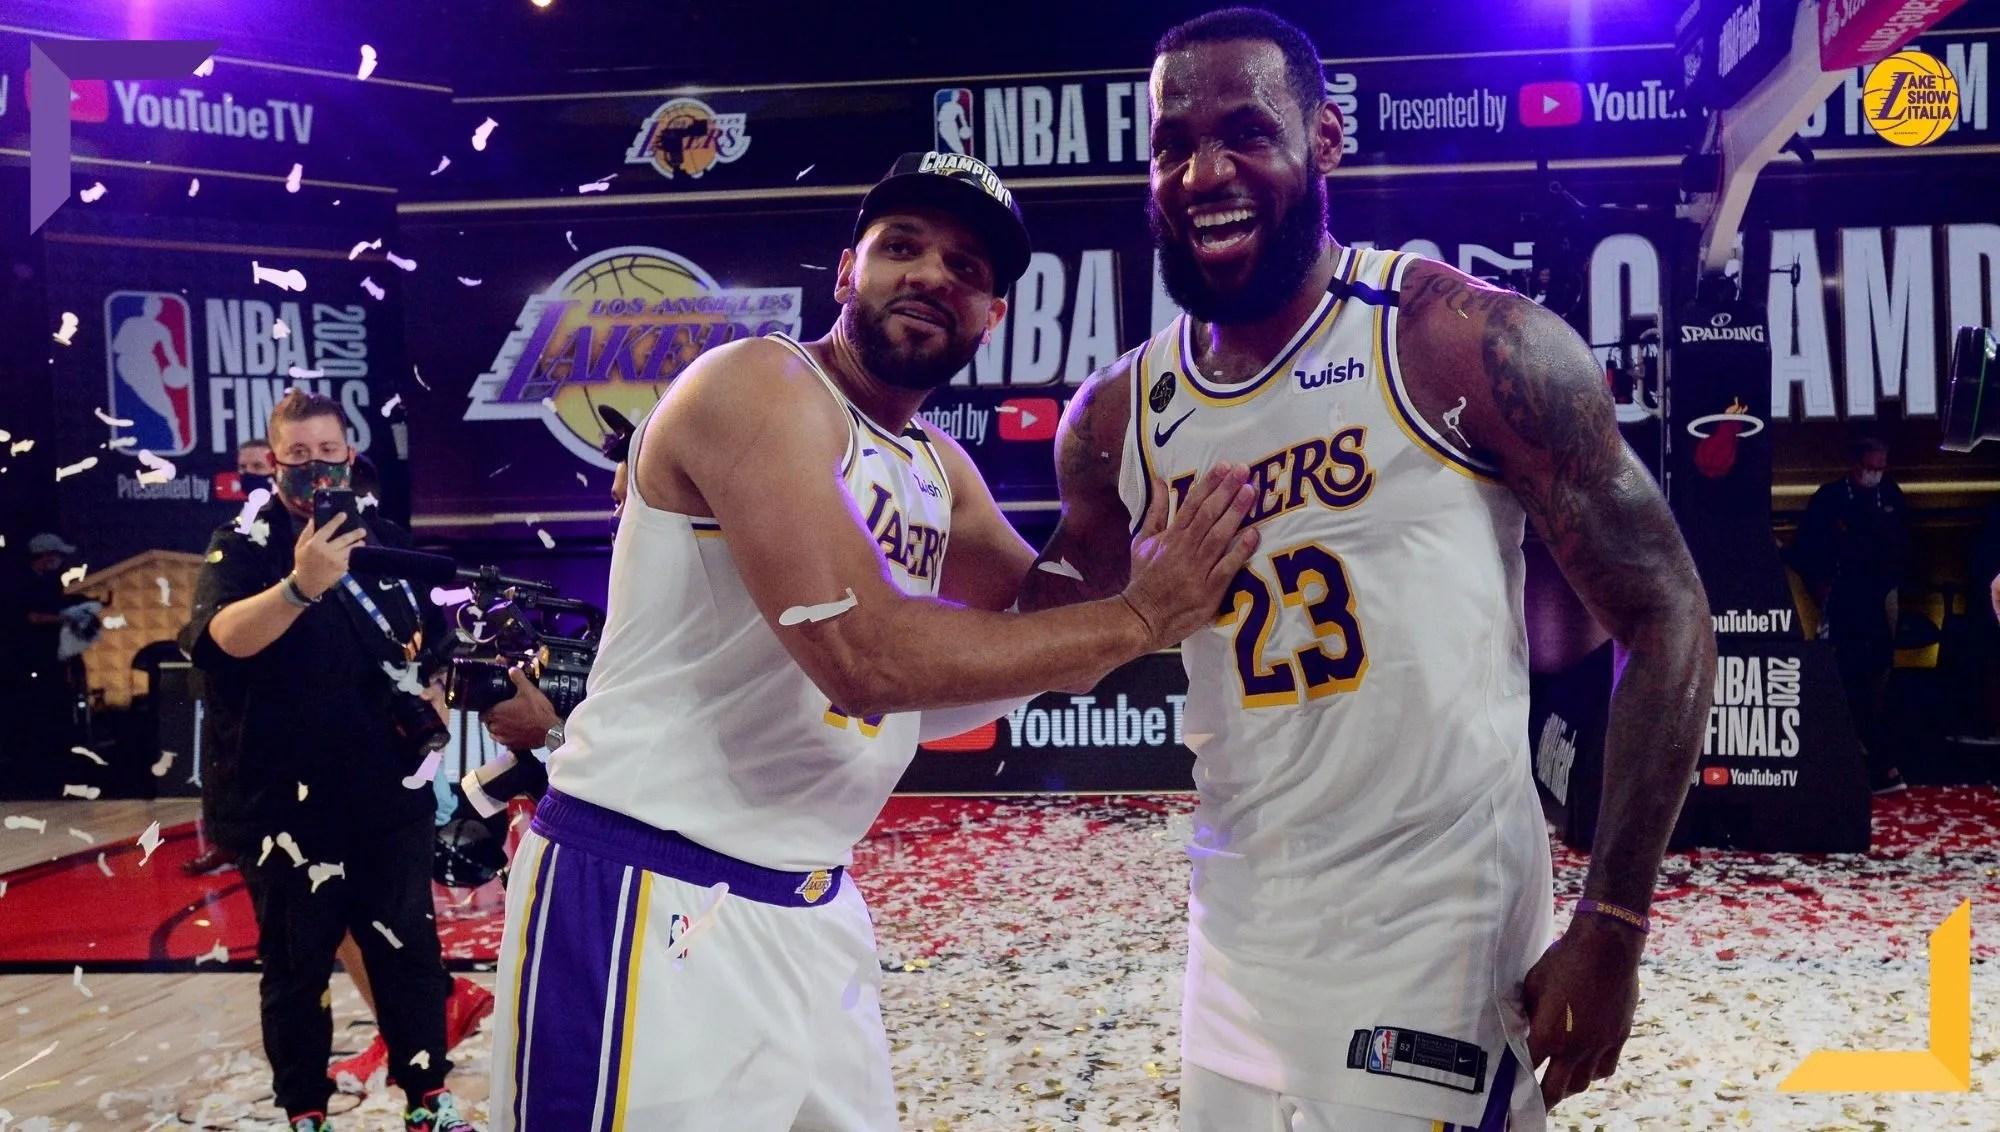 Jared Dudley lascia i Los Angeles Lakers, sarà uno degli assistenti di Kidd ai Mavericks. LeBron James non gradisce la partenza del veterano.